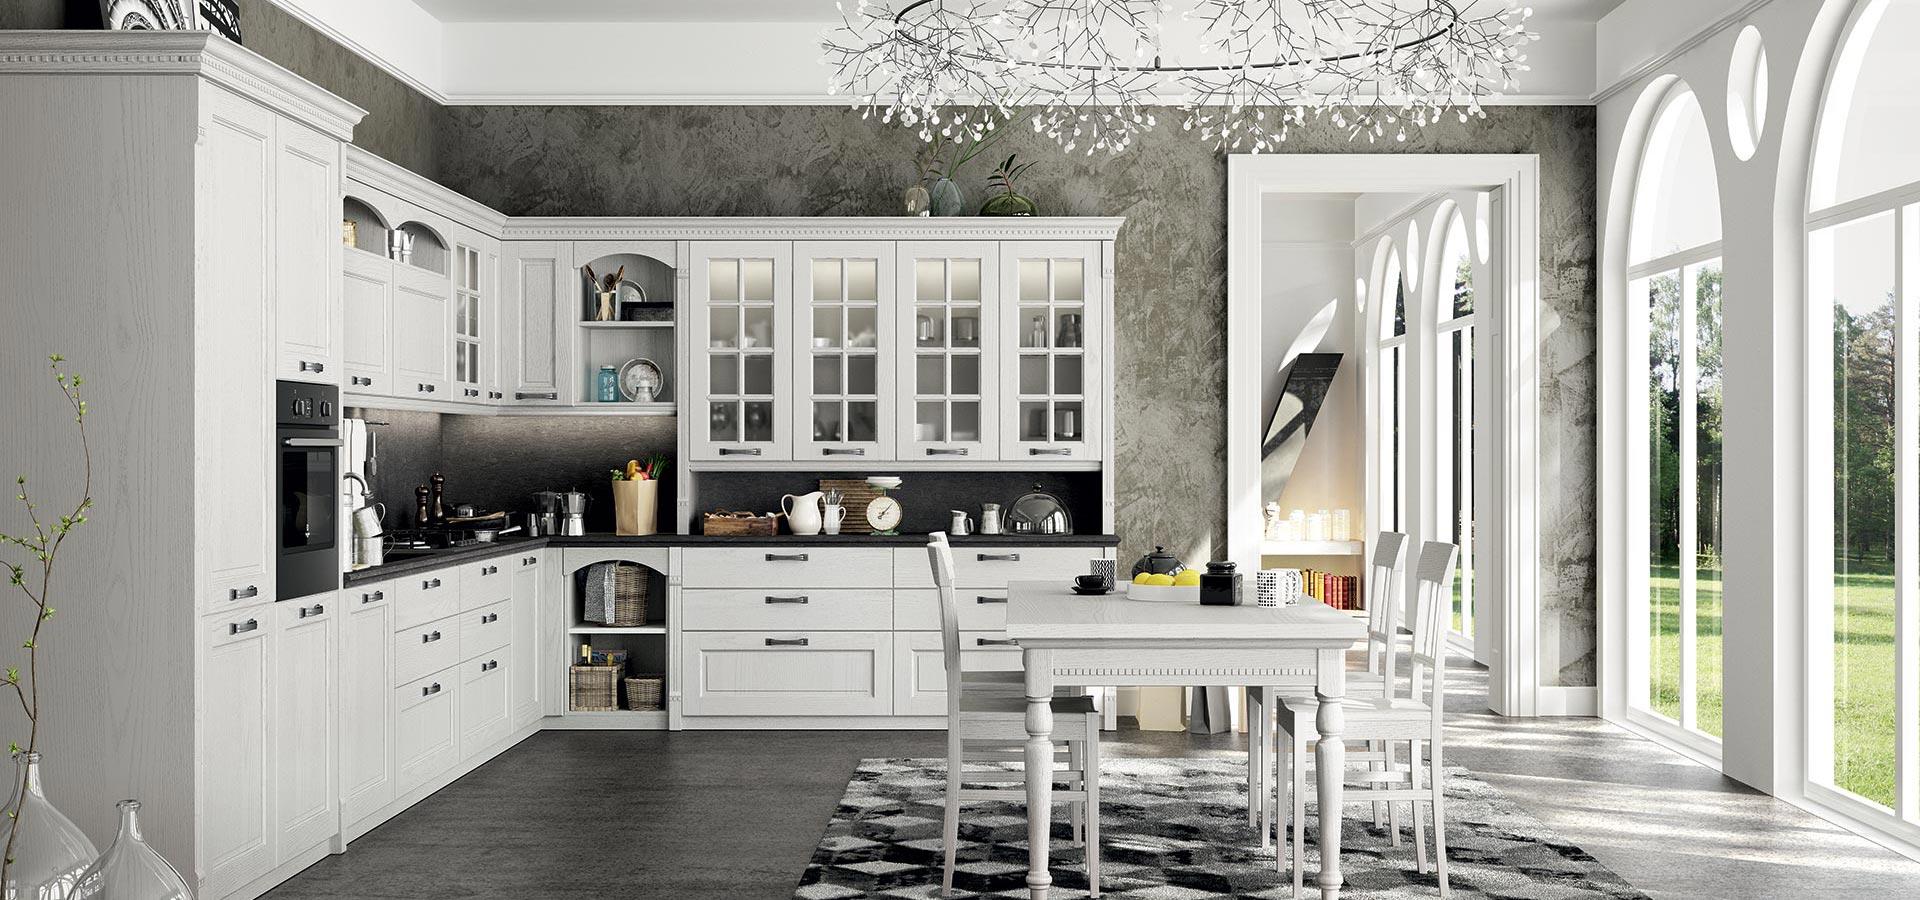 Cucine classiche a treviso cucine con isola penisola o - Cucine classiche con isola ...